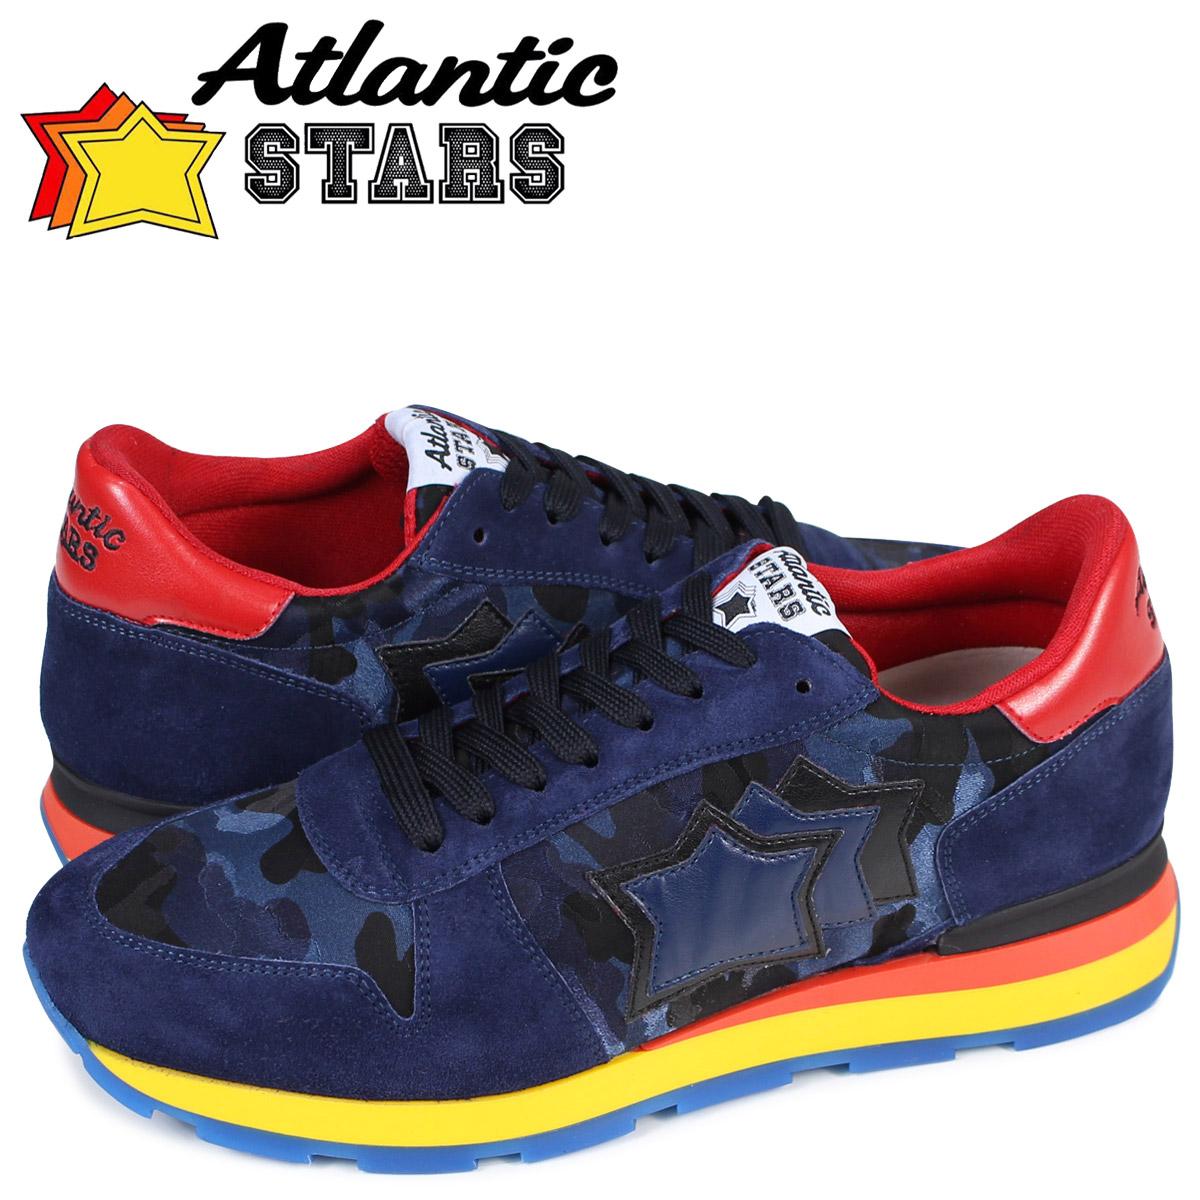 アトランティックスターズ メンズ スニーカー Atlantic STARS シリウス SIRIUS MB-49N ブルー カモ スエード